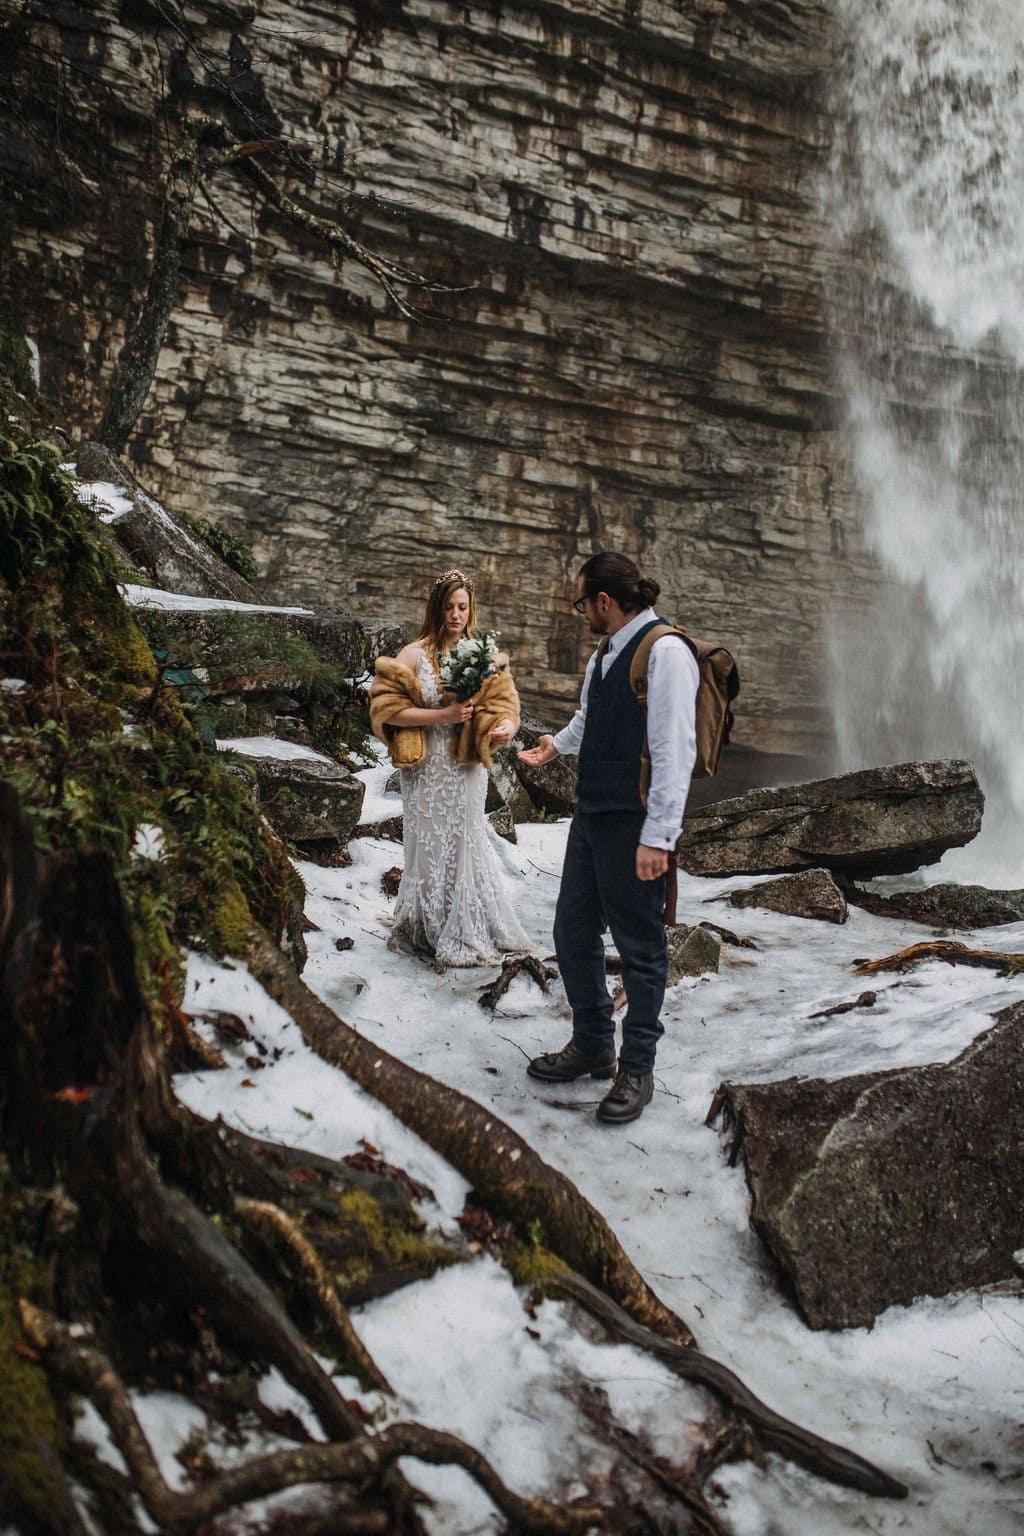 eloping in NY falls